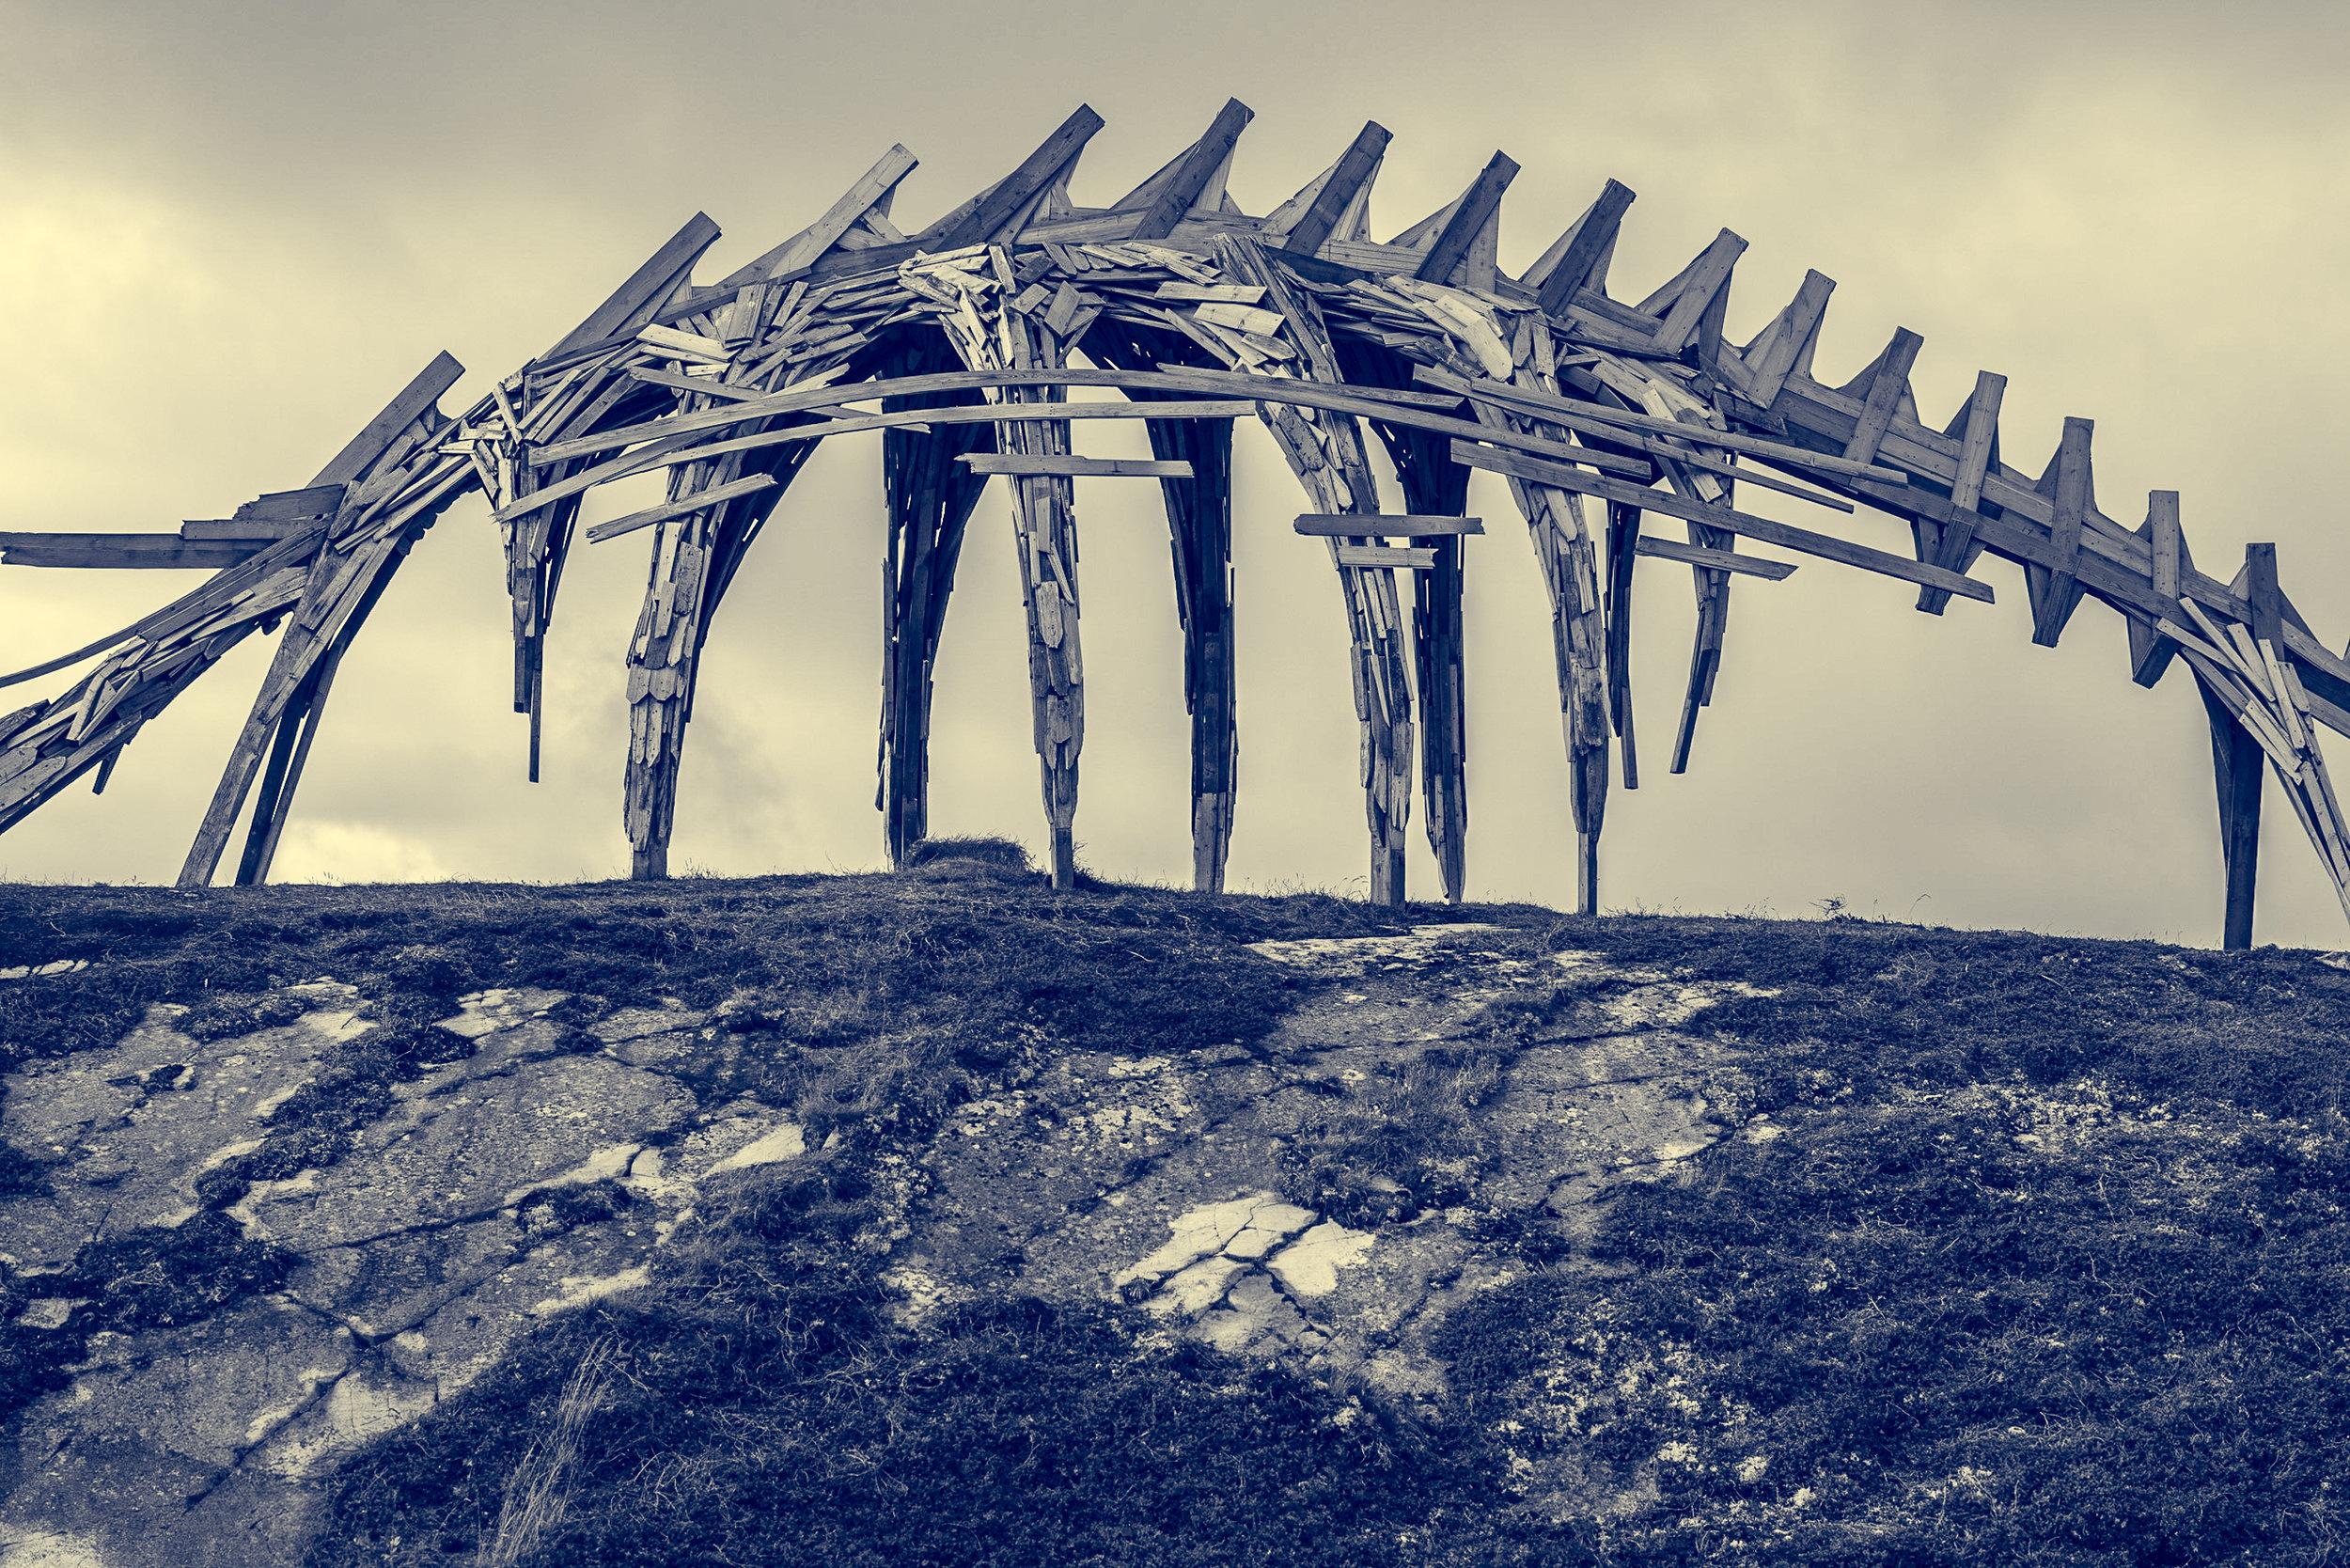 Vardø er en opplevelse i street art og annen kunst. Vi går rundt i alle kroker og bakgårder i byen samt utenfor byen hvor vi blant annet finner denne installasjonen. ©Bjørn Joachimsen.